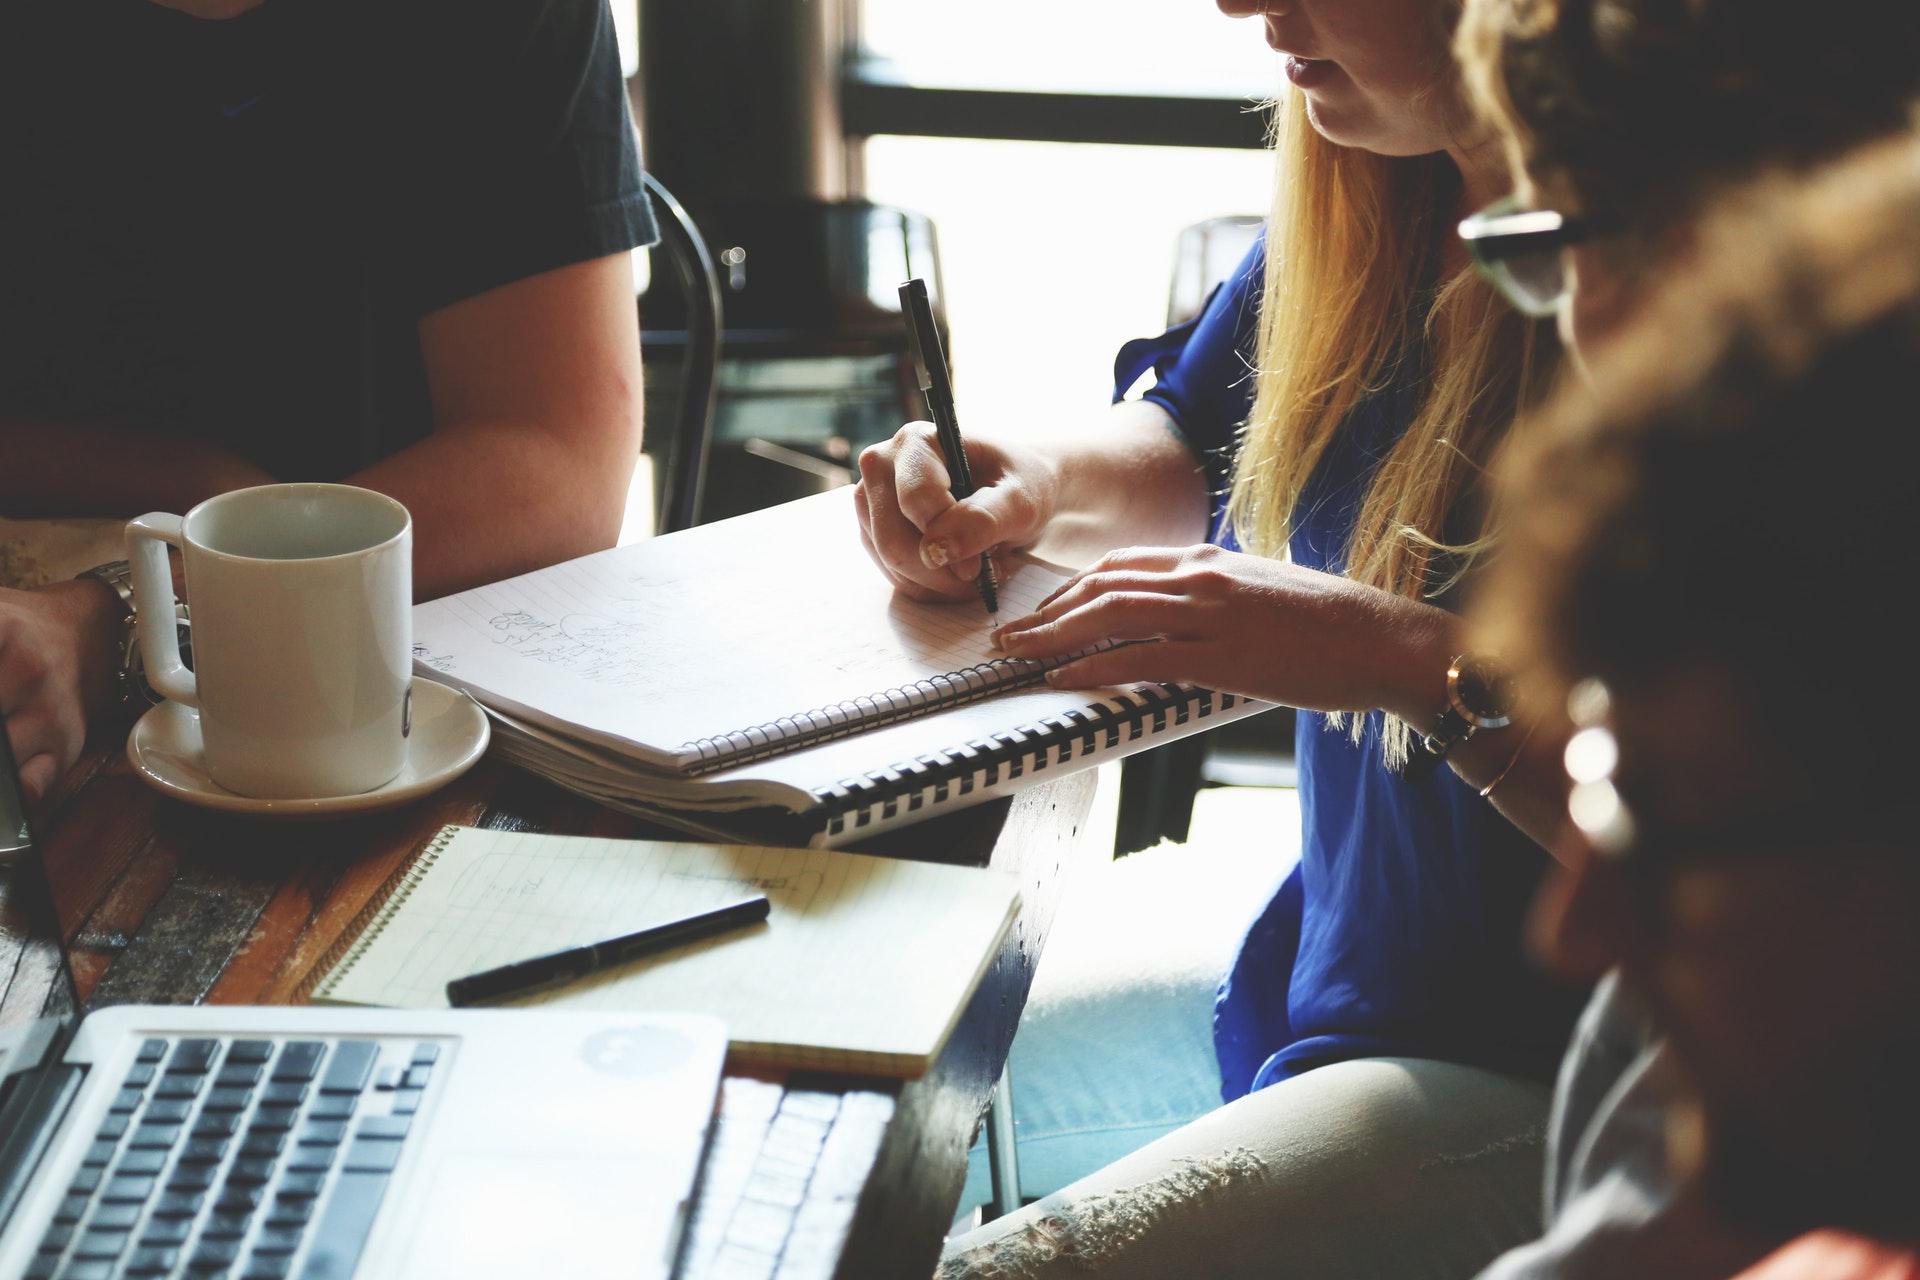 School Management Systems Λογισμικό για Φροντιστήρια